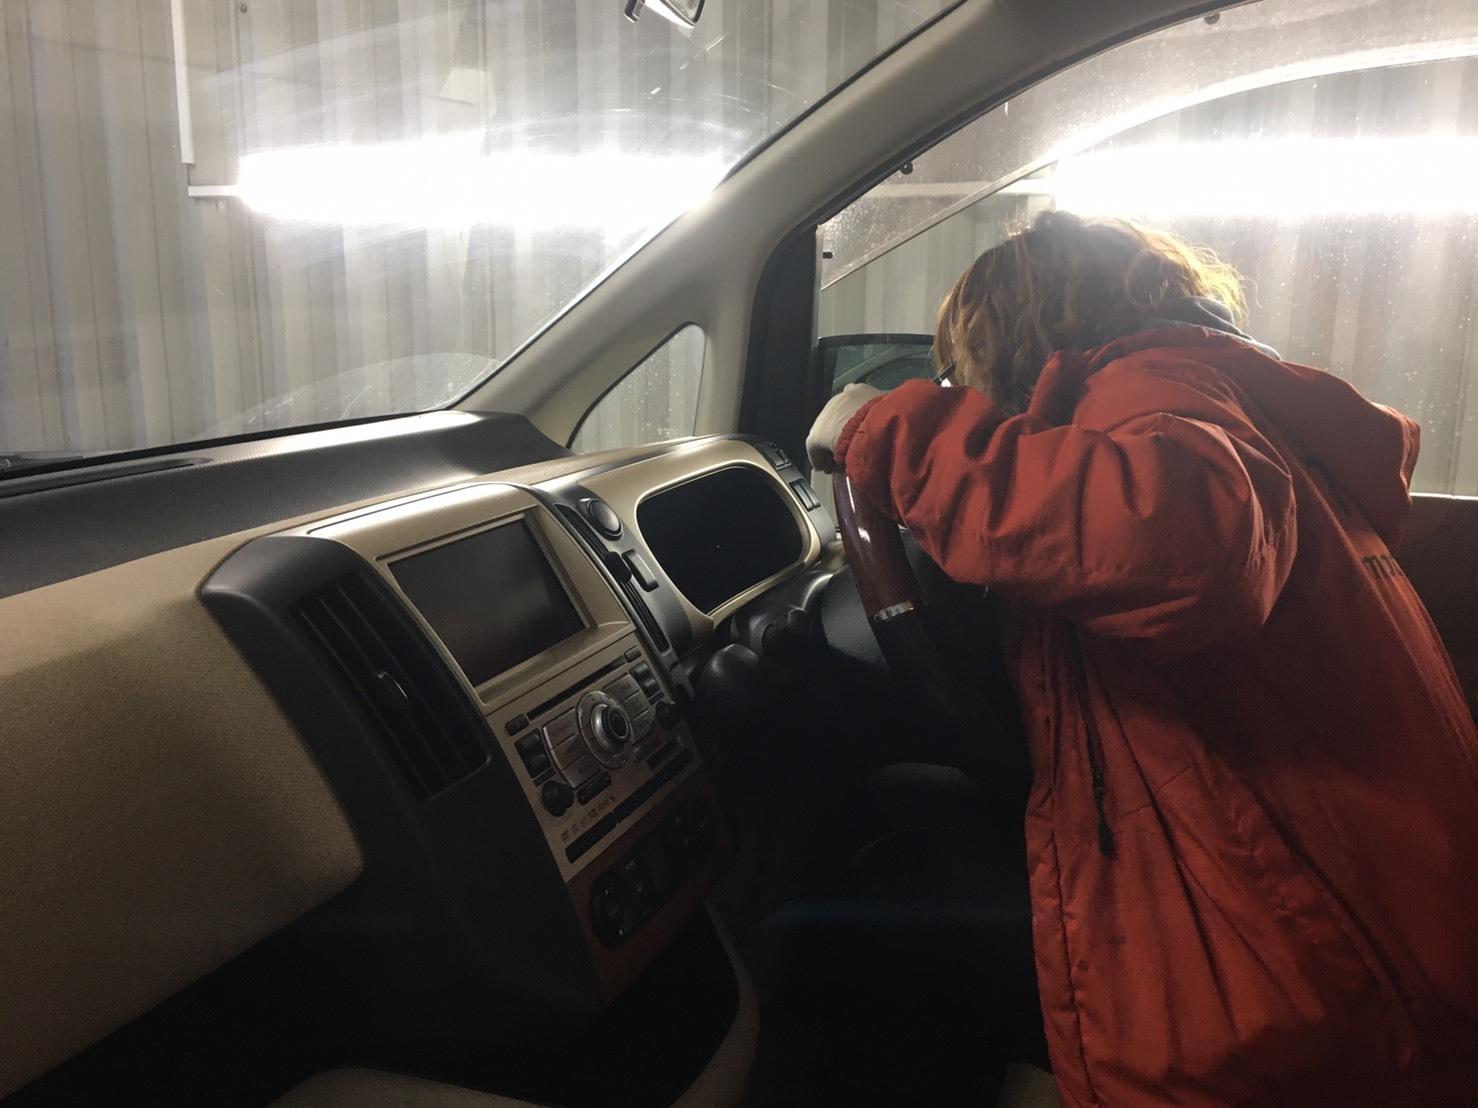 10月25日(金)☆TOMMyアウトレット☆あゆブログ(*˙˘˙*) エクストレイルS様納車♪セレナSアマ納車♪_b0127002_17555172.jpg